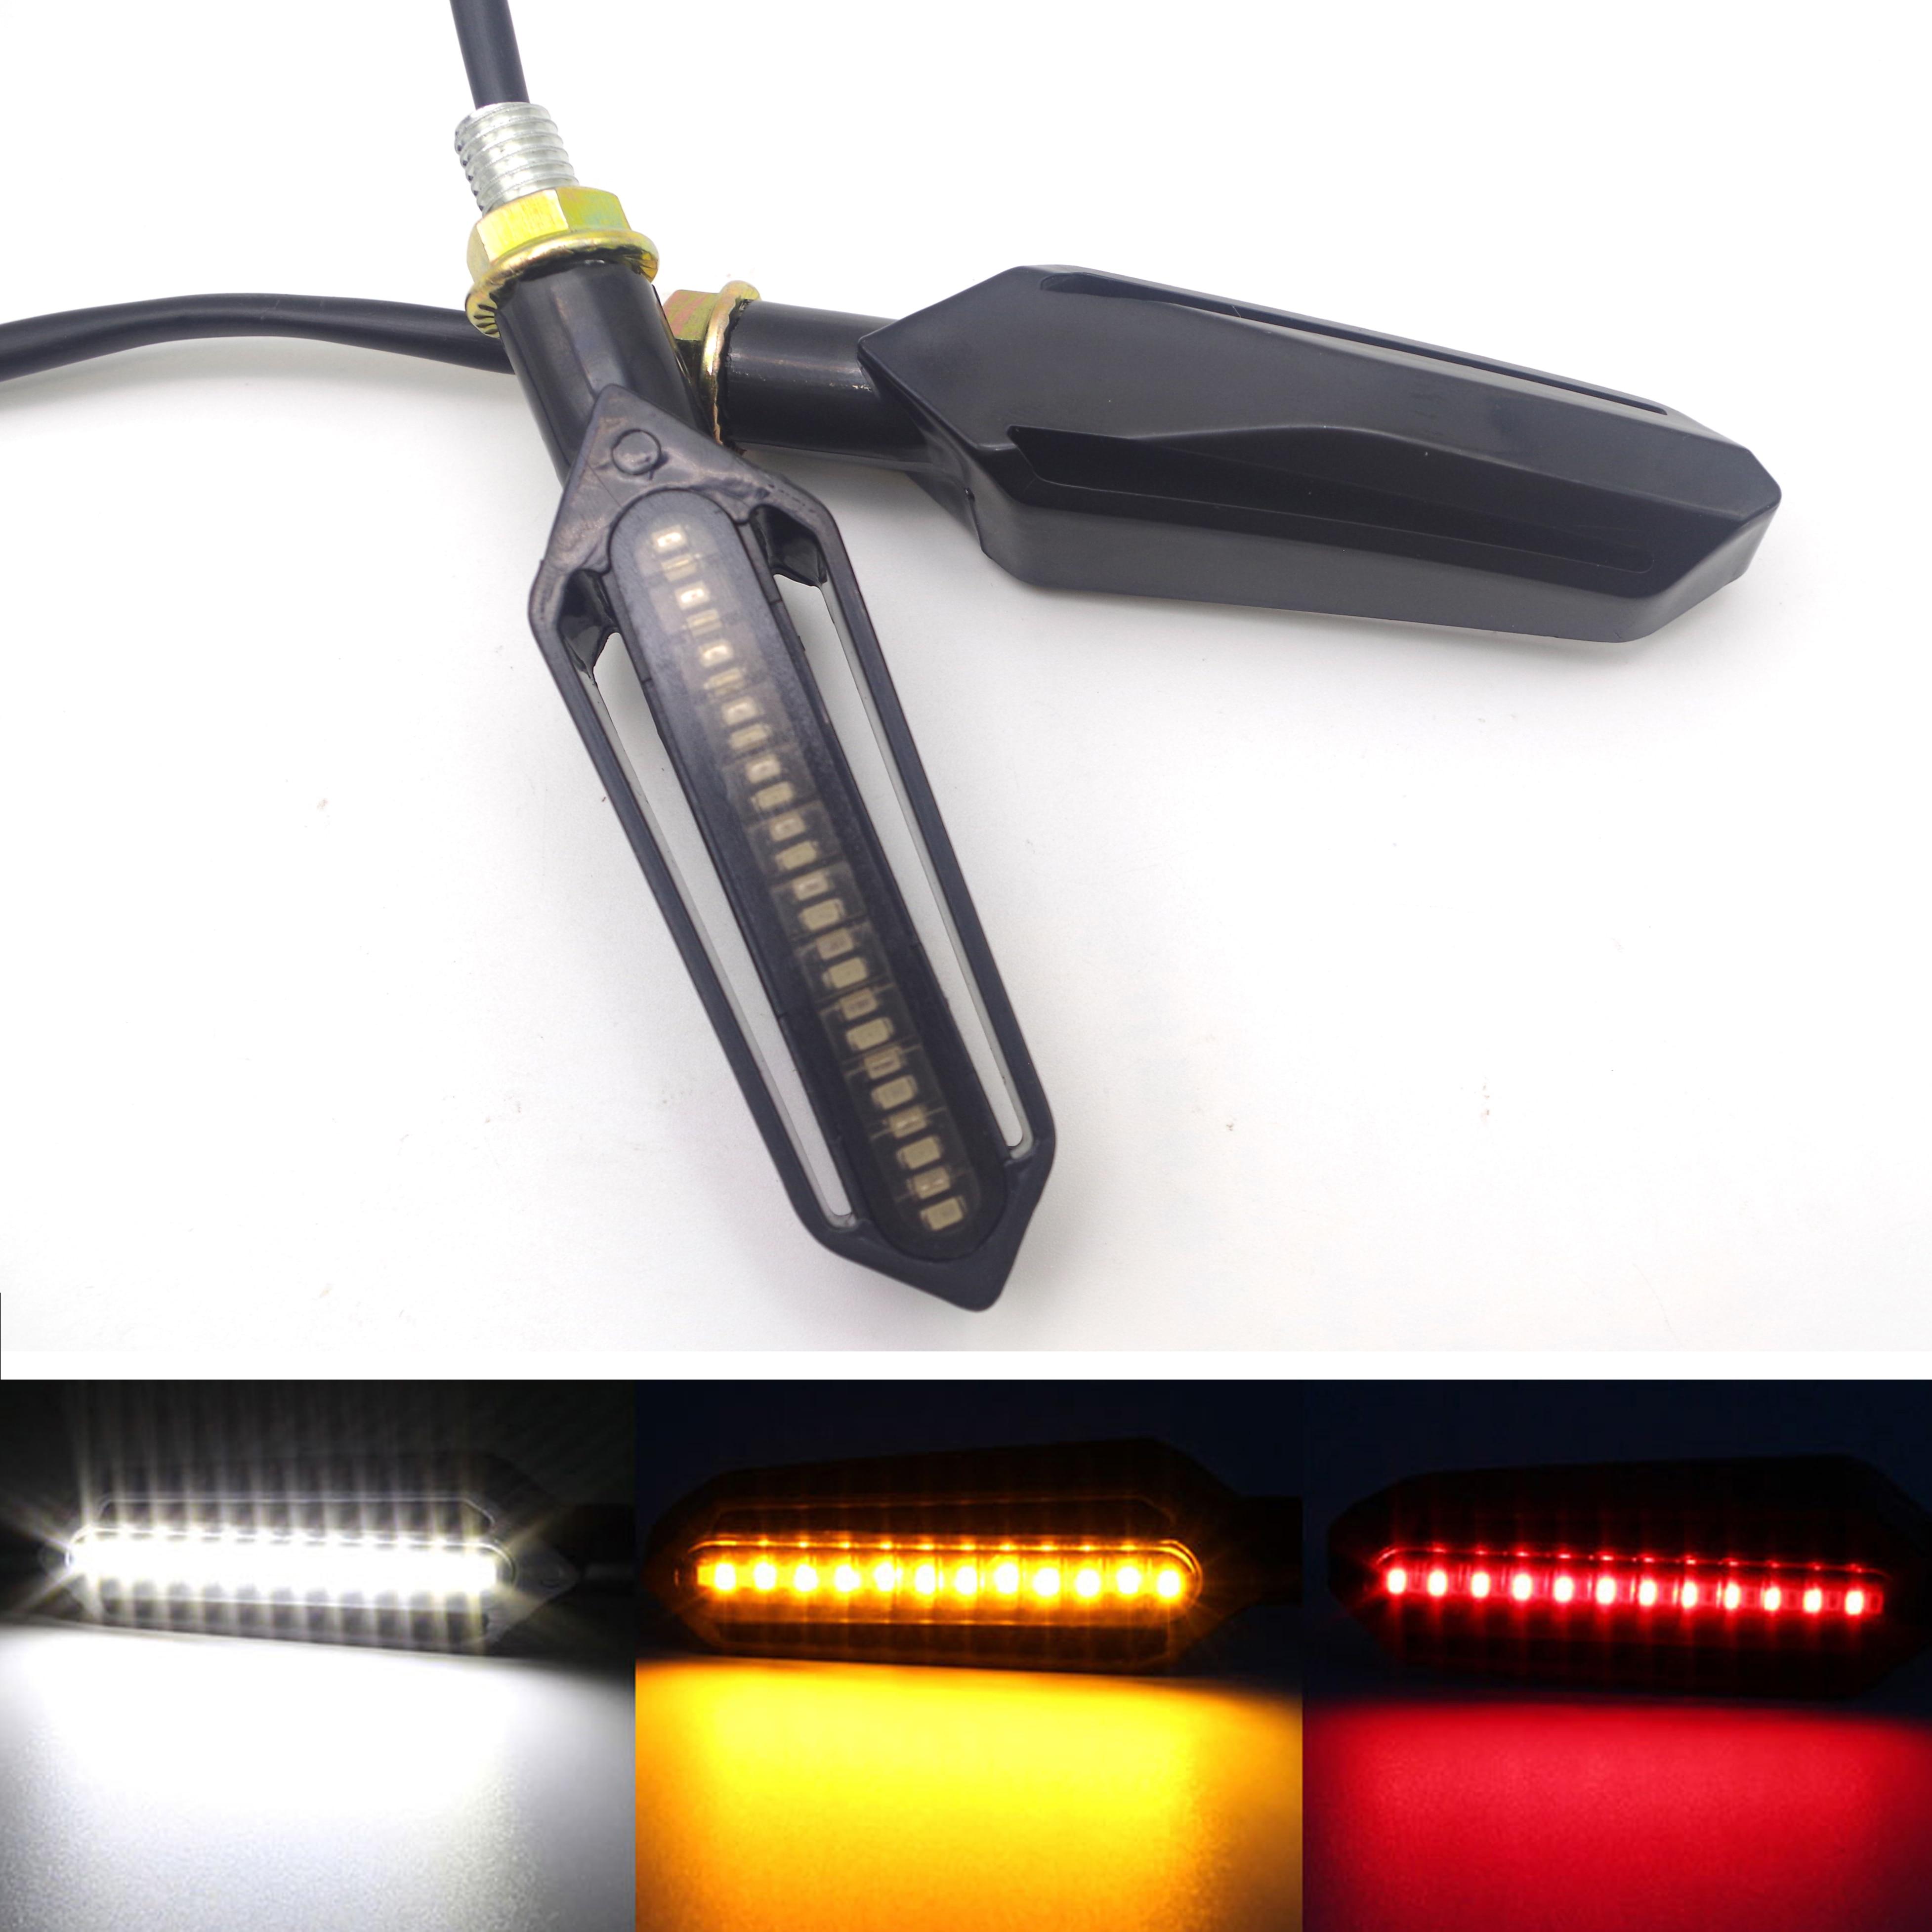 Universal Motorcycle LED Turn Signal Light Indicators Amber Blinker Flasher FOR Mt09 Tracer K1200s Honda Cbr 1100 Xx Bmw S1000rr